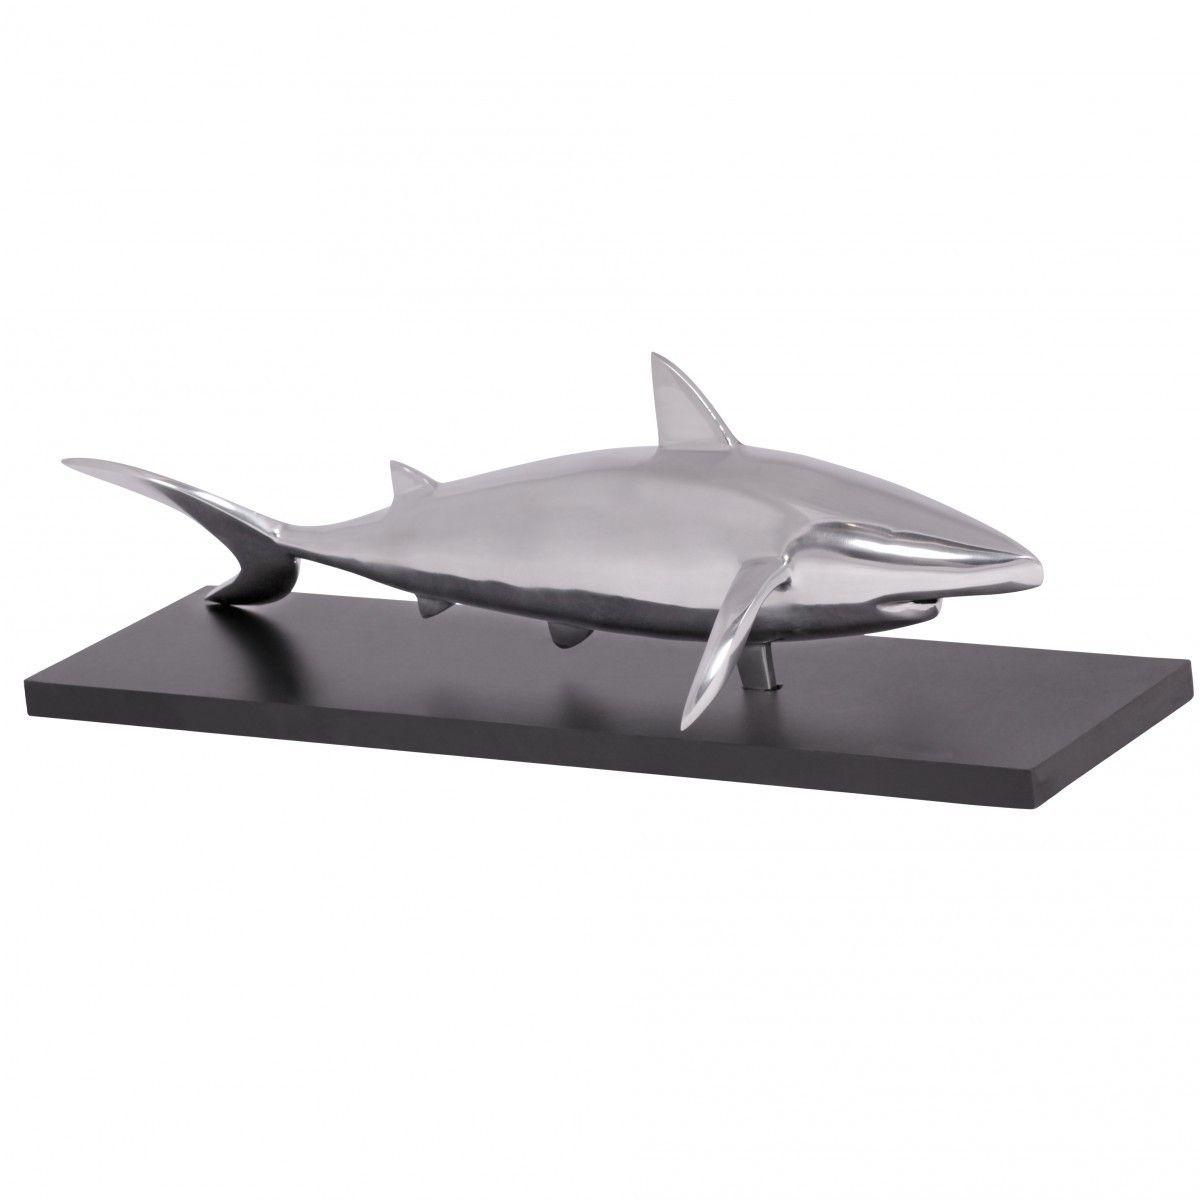 Esszimmer dekor wohnung finebuy haifisch dekoskulptur shark design aluminium deko wohnzimmer